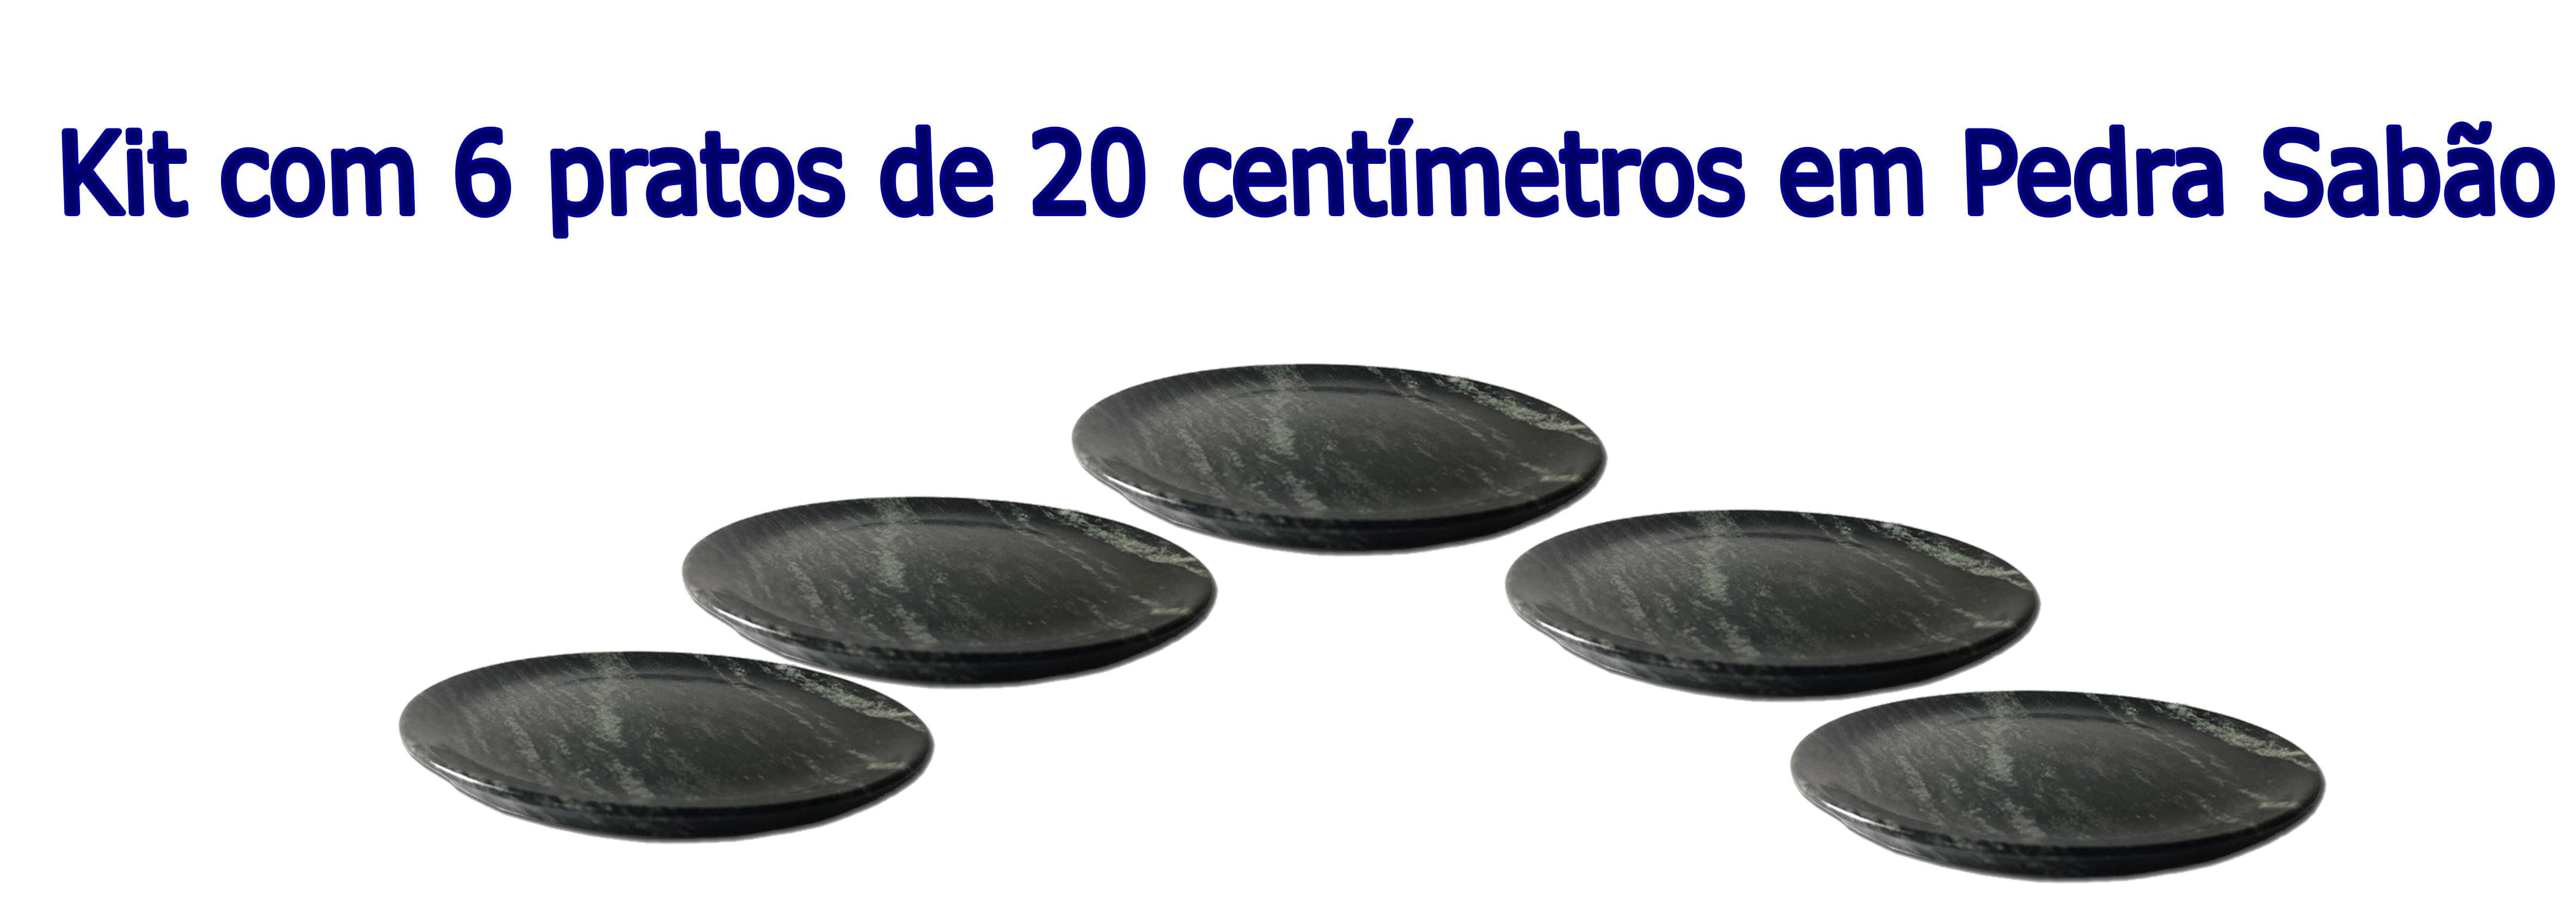 Kit Com 6 Pratos Raso Em Pedra Sabão 20 Cm De Diâmetro